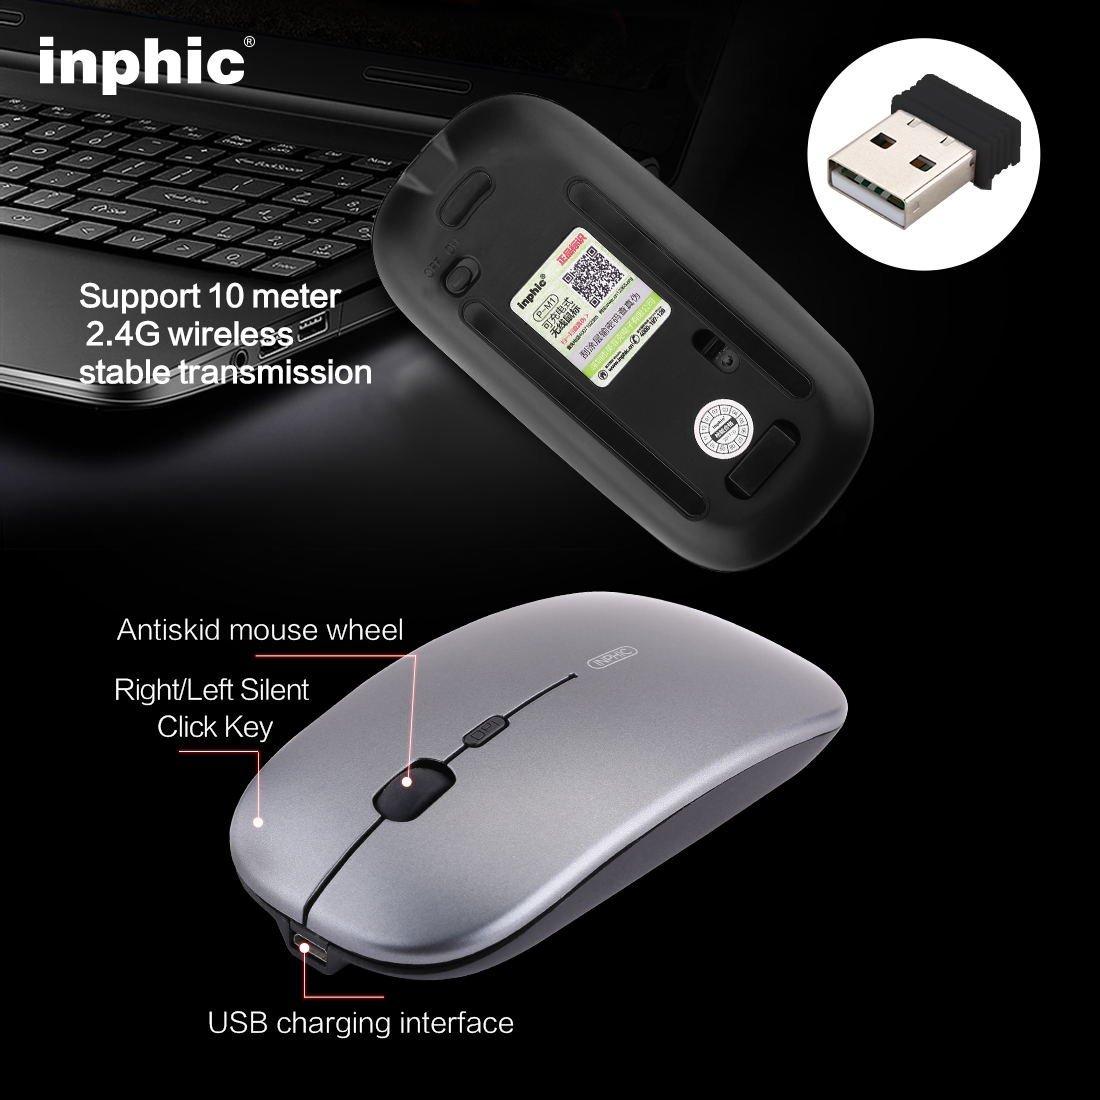 เมาส์ไร้สาย Inphic M1 (มีแบตในตัว) (ปุ่มเงียบ) (มีปุ่มปรับความไวเมาส์ DPI 1000-1600) มี (Premium Optical Light ใช้งานได้เกือบทุกสภาพผิว) สีดำ